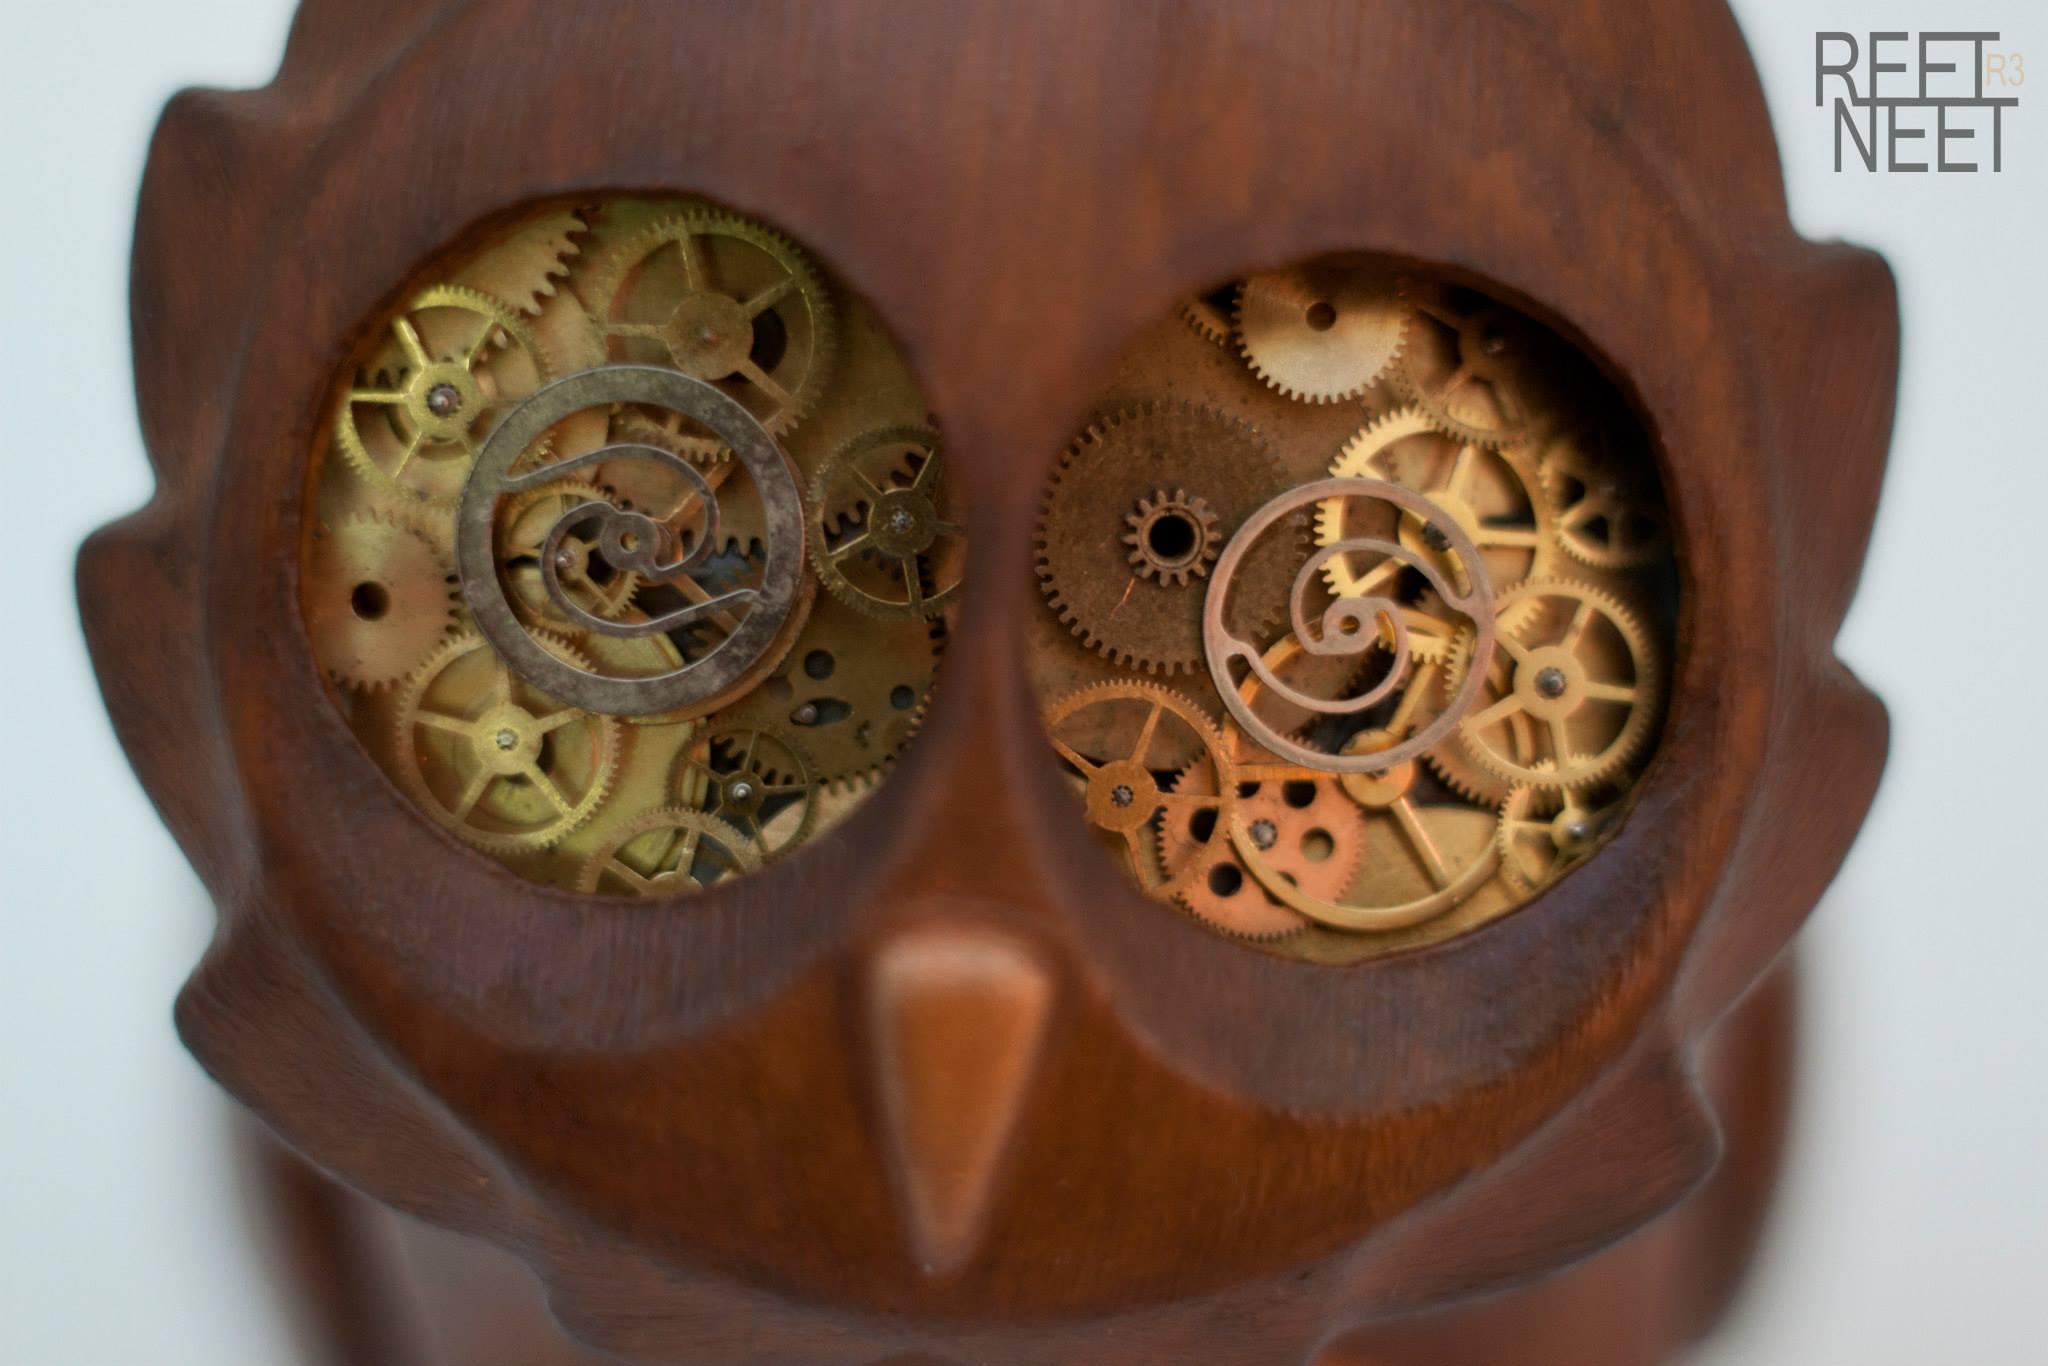 Omen Blink Professor Archimedes - Reet Neet clogs